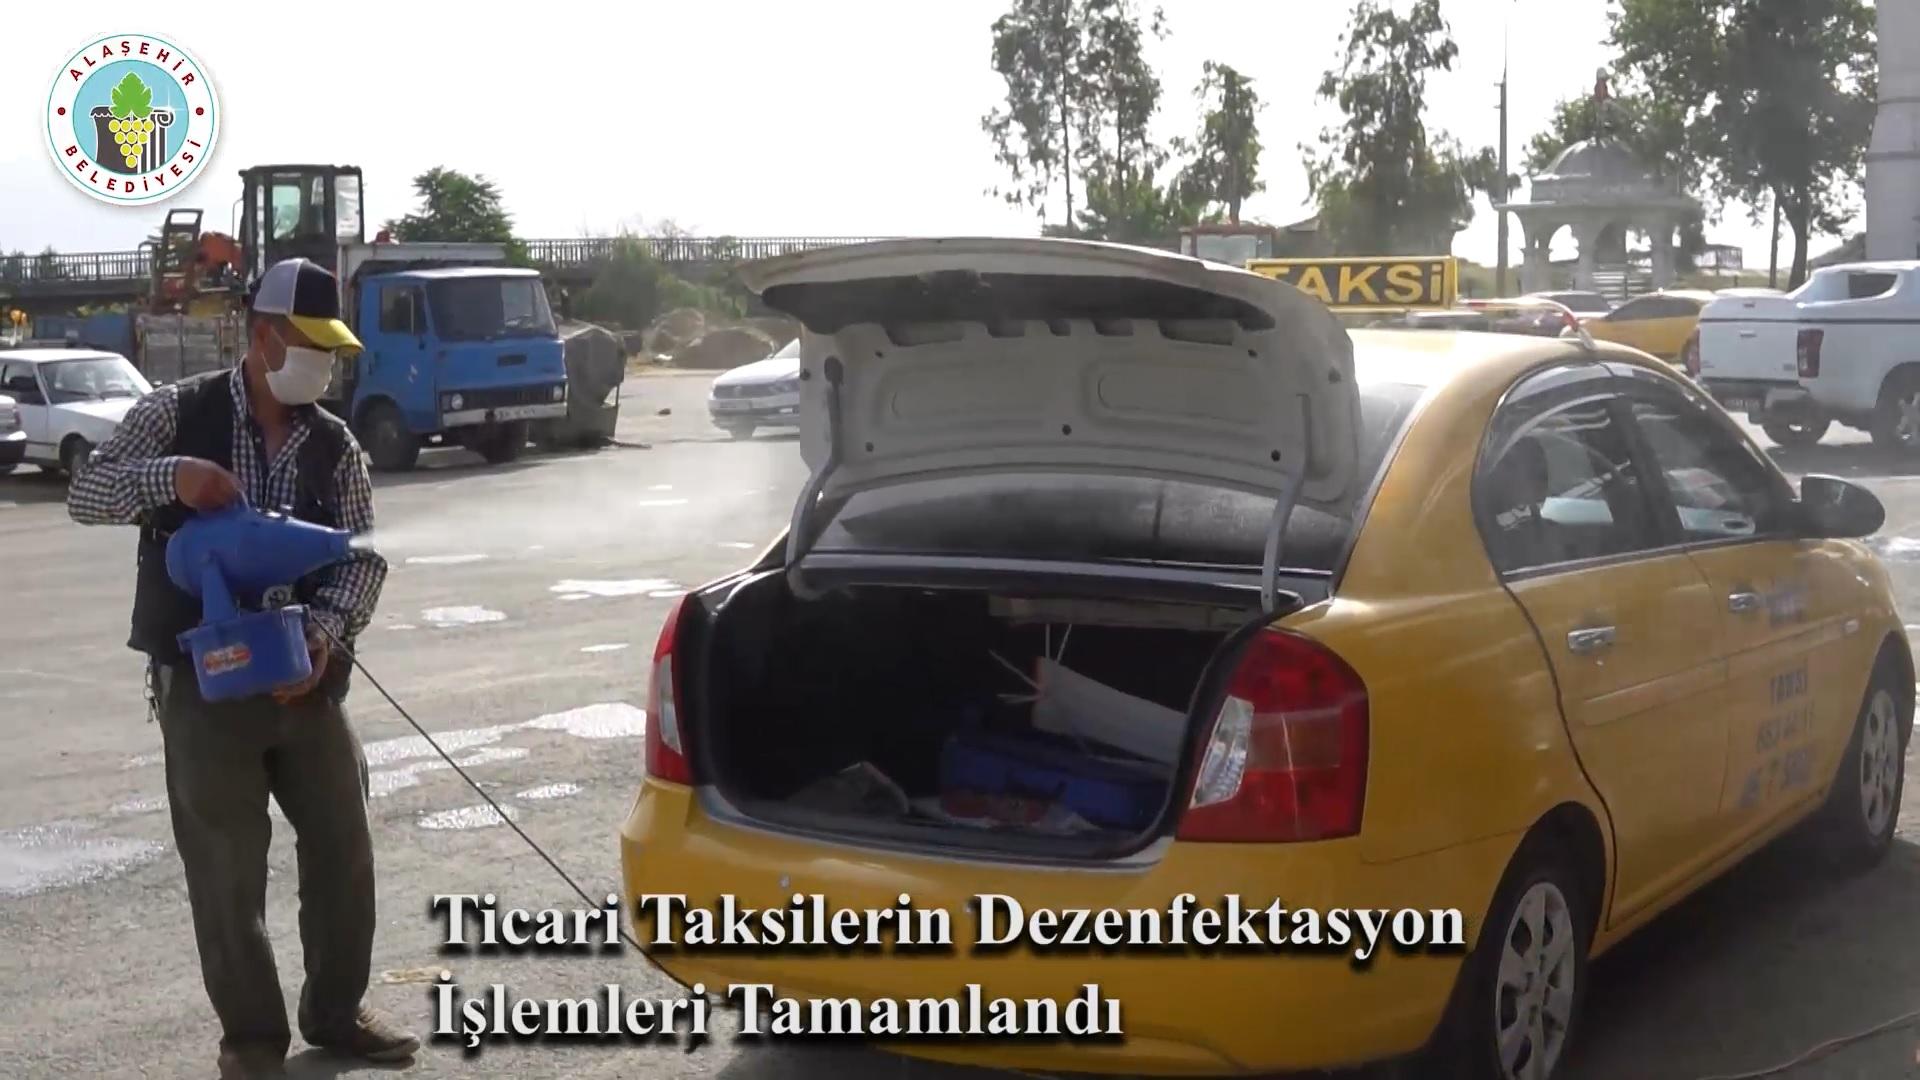 Taksilerin Dezenfekte İşlemleri Tamamlandı